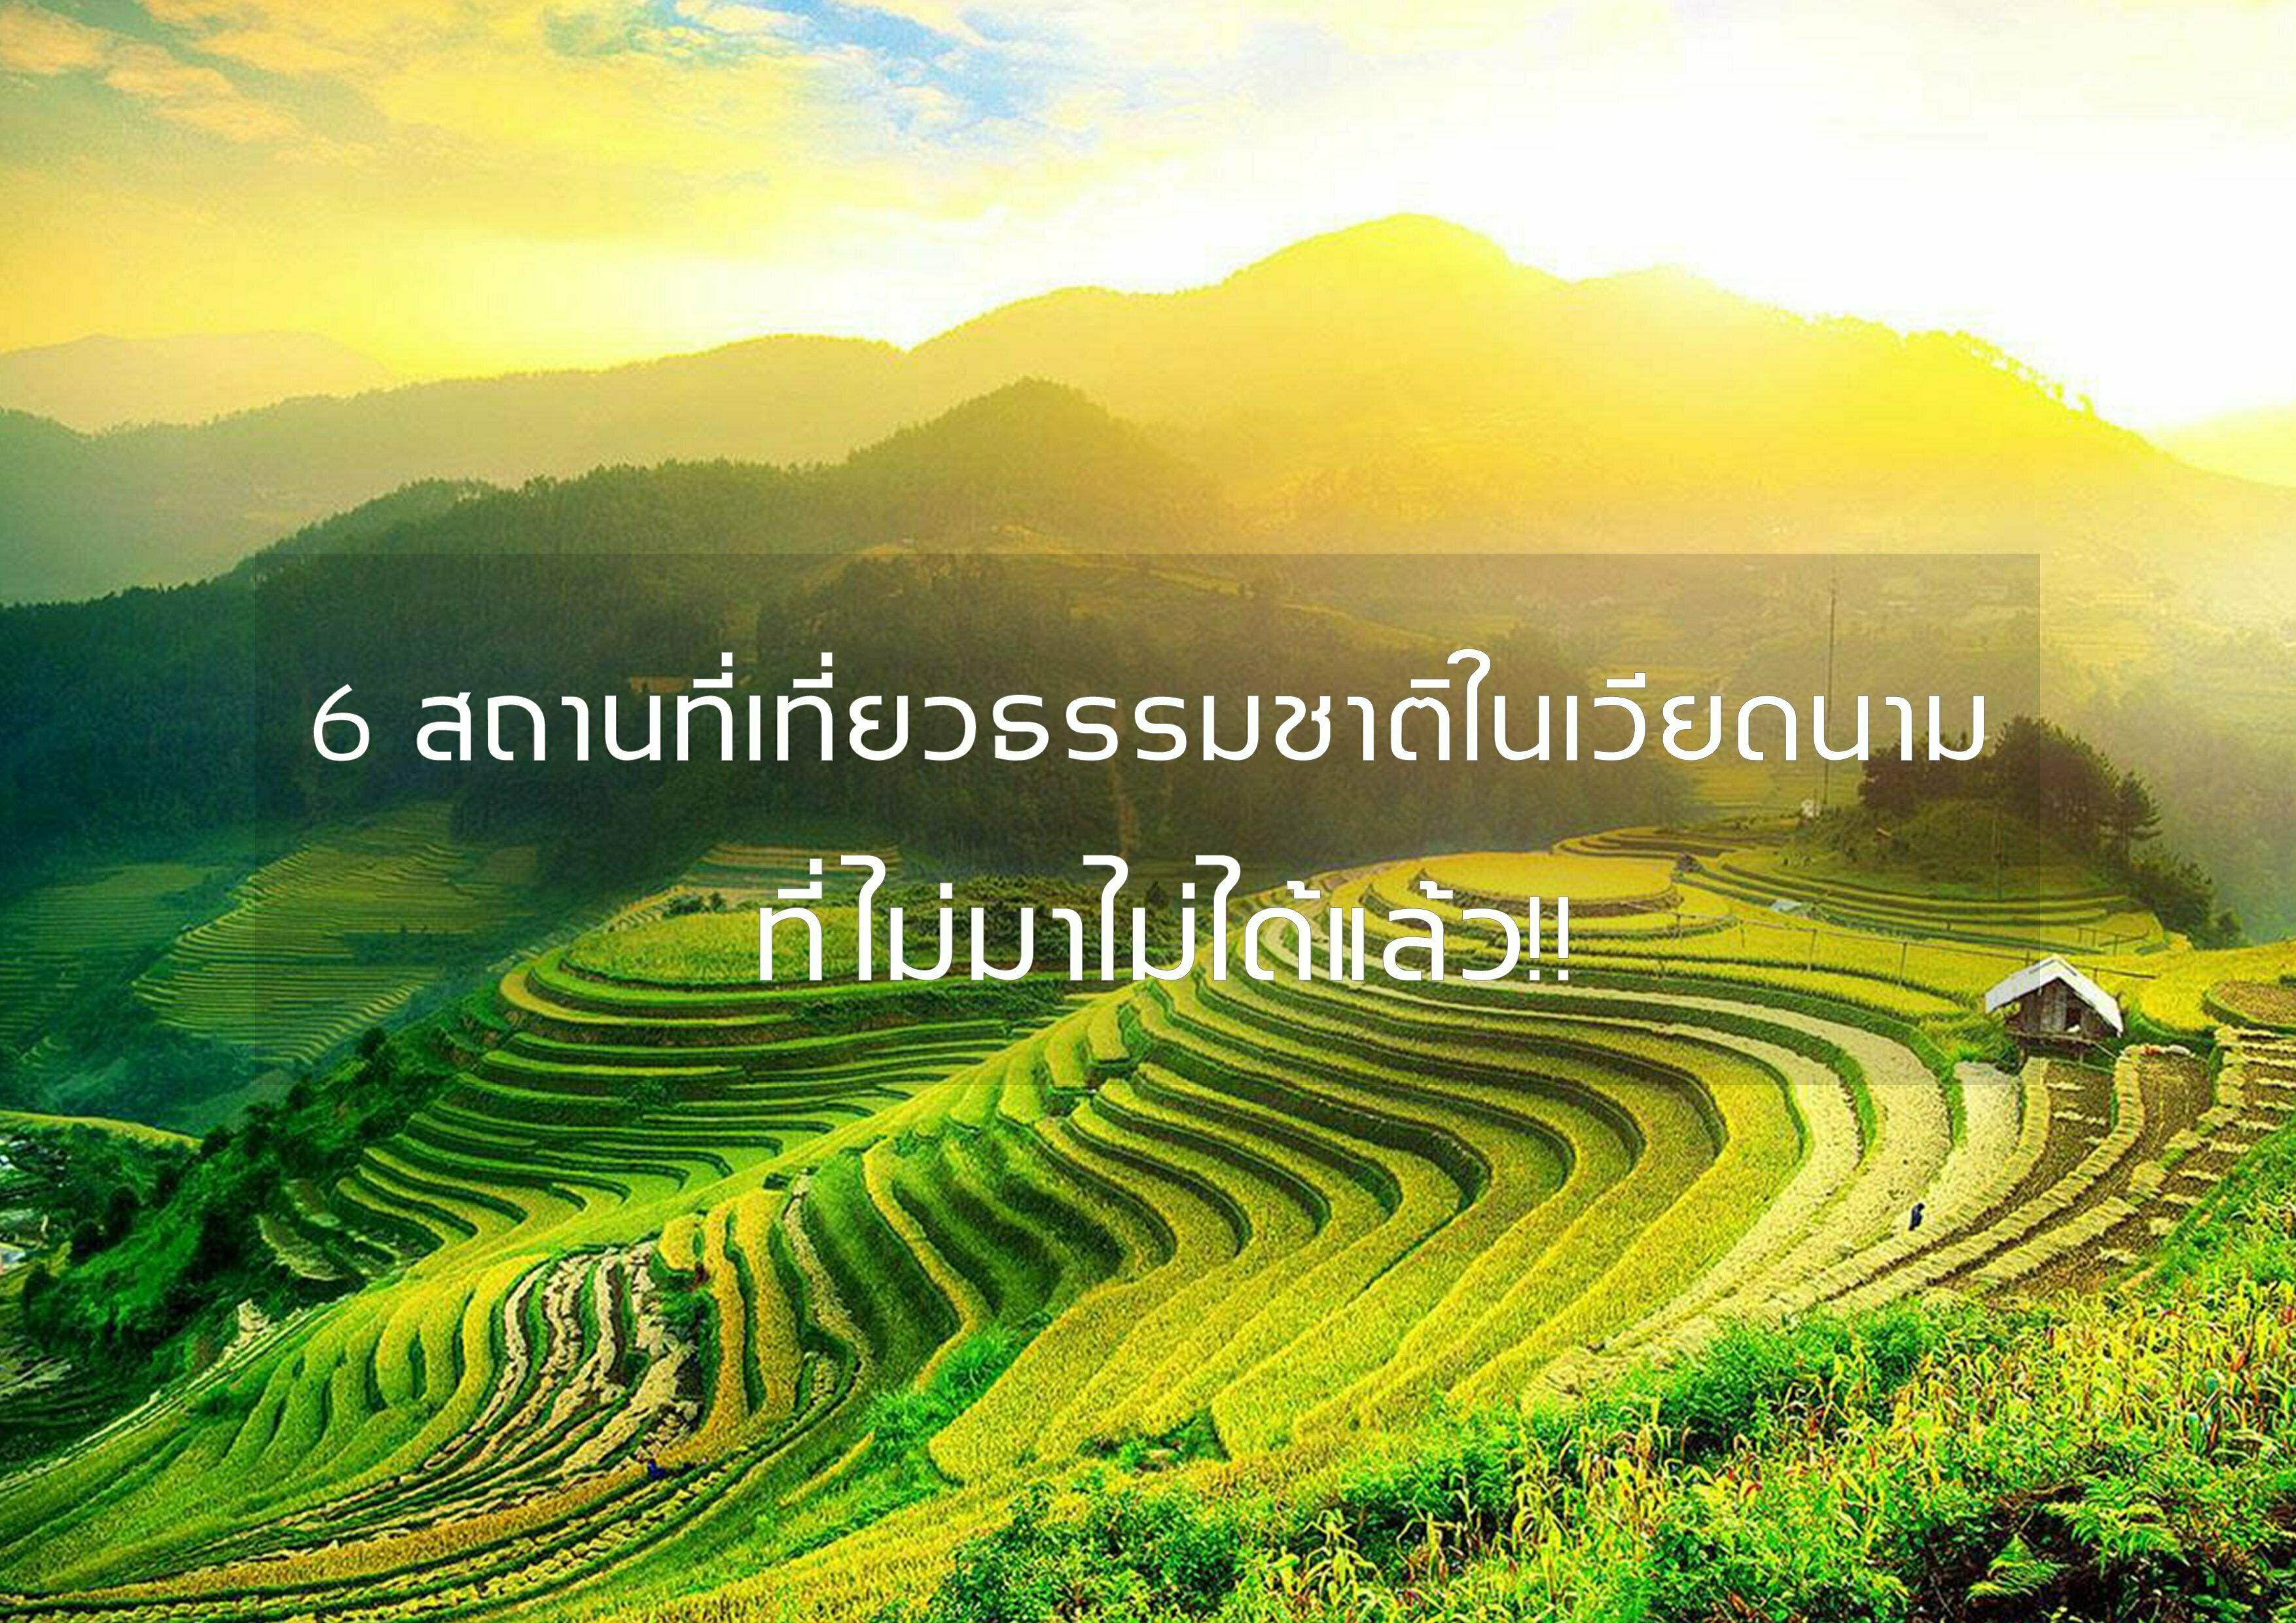 ทัวร์เวียดนาม – 6 สถานที่เที่ยวธรรมชาติในเวียดนาม ที่ไม่มาไม่ได้แล้ว!!